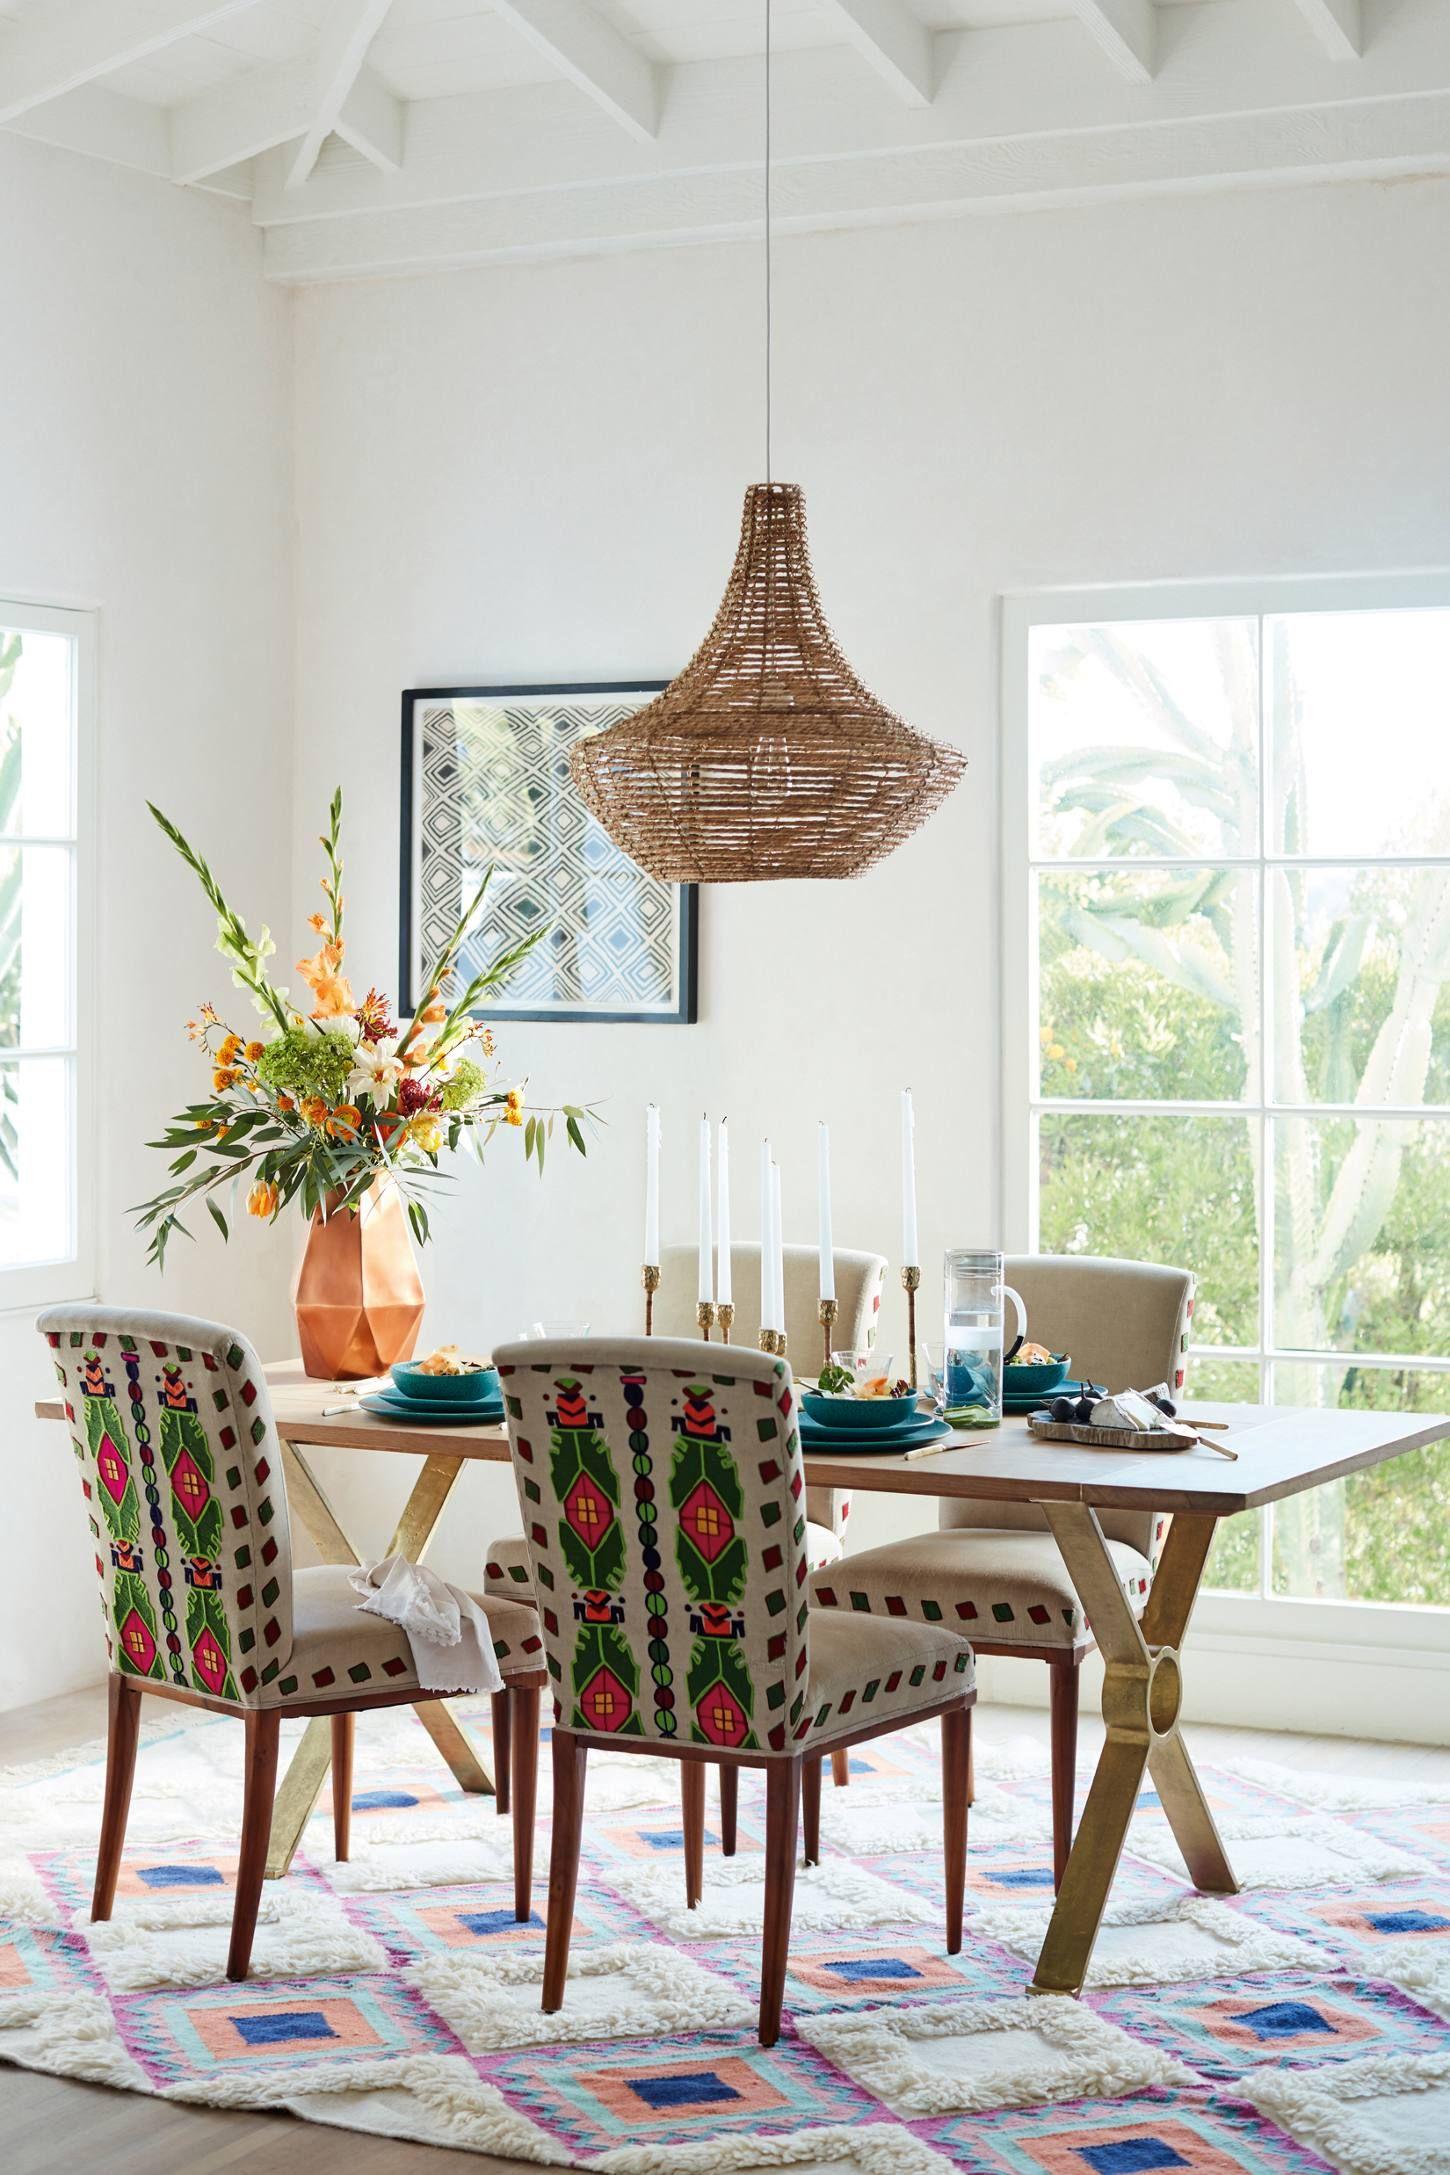 Awe Inspiring Vineyard Pendant By Anthropologie In Beige Lighting In 2019 Cjindustries Chair Design For Home Cjindustriesco